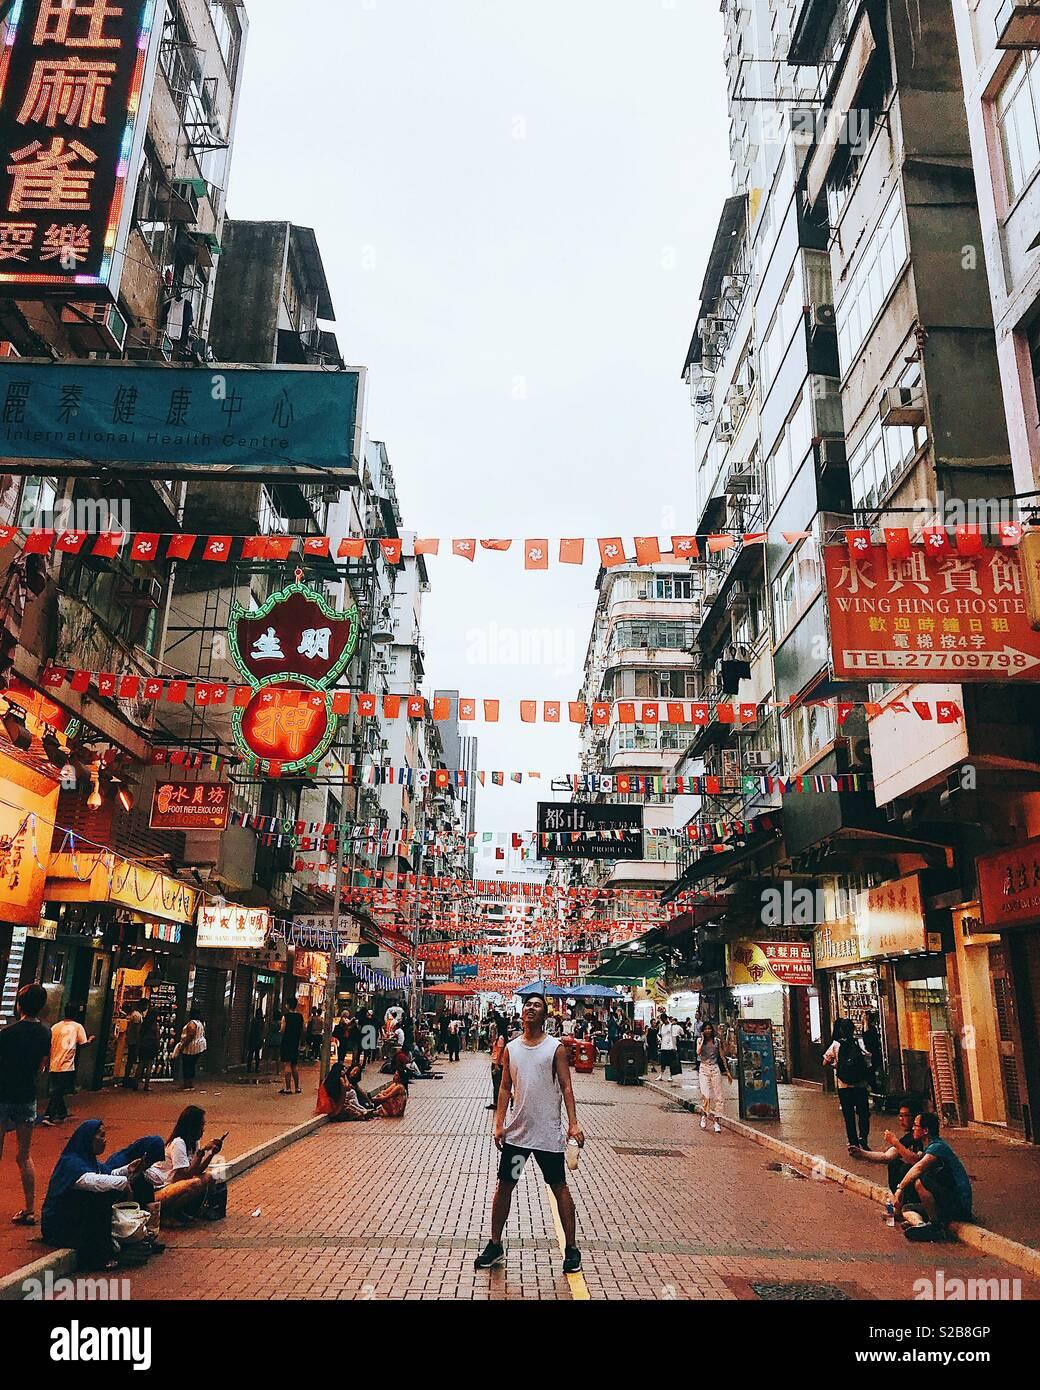 Dónde puede encontrar mejores mercados callejeros que en Hong Kong? Imagen De Stock